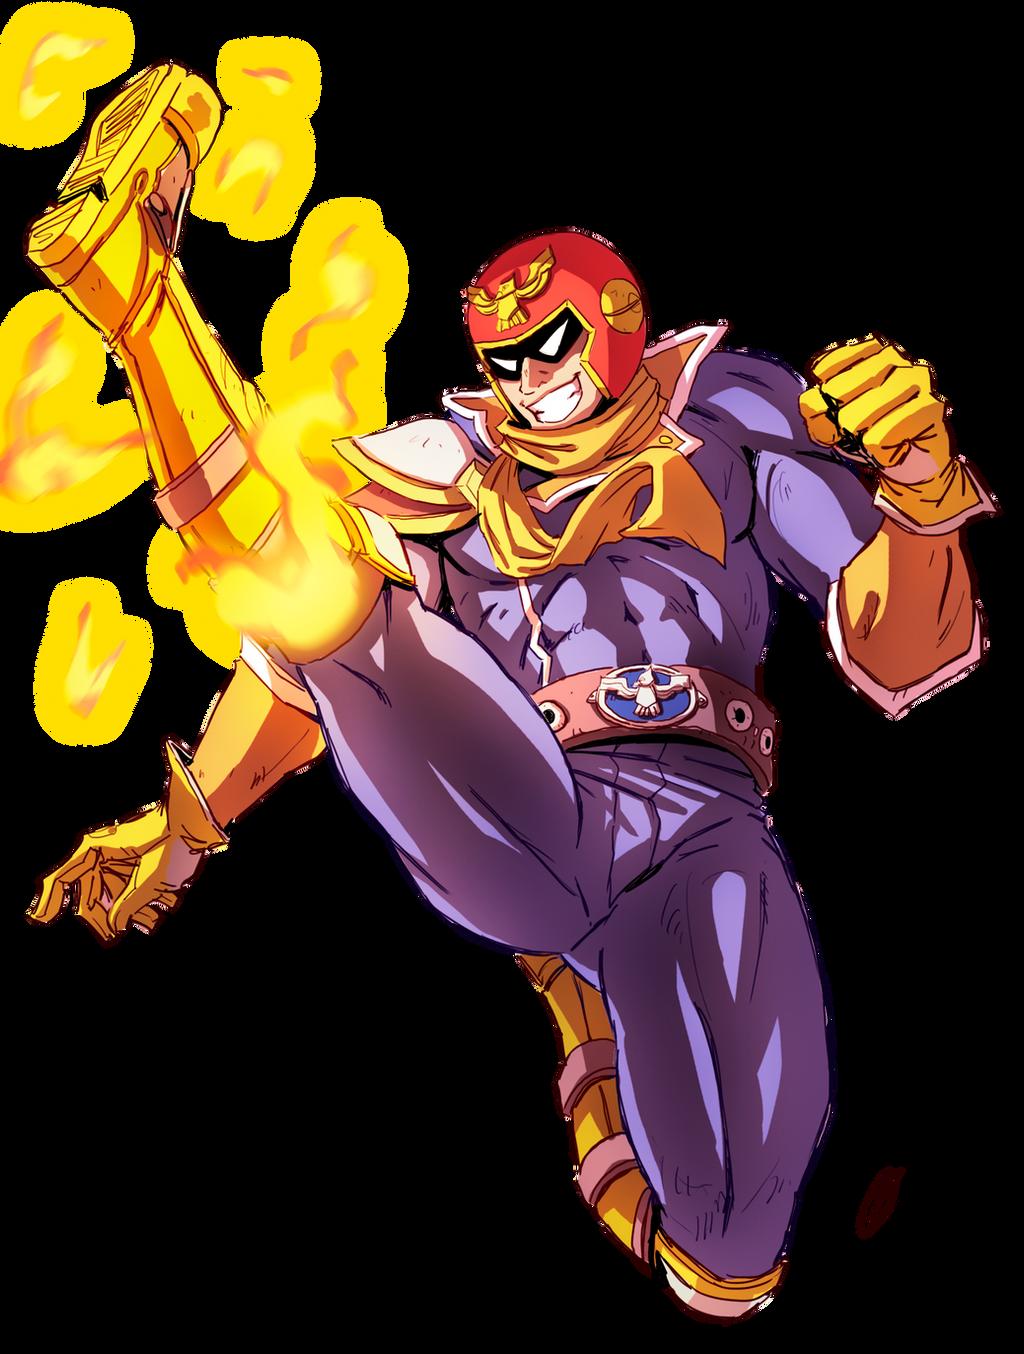 Captain Falcon - Falcon Kick [SPEEDPAINT] by oNichaN-xD